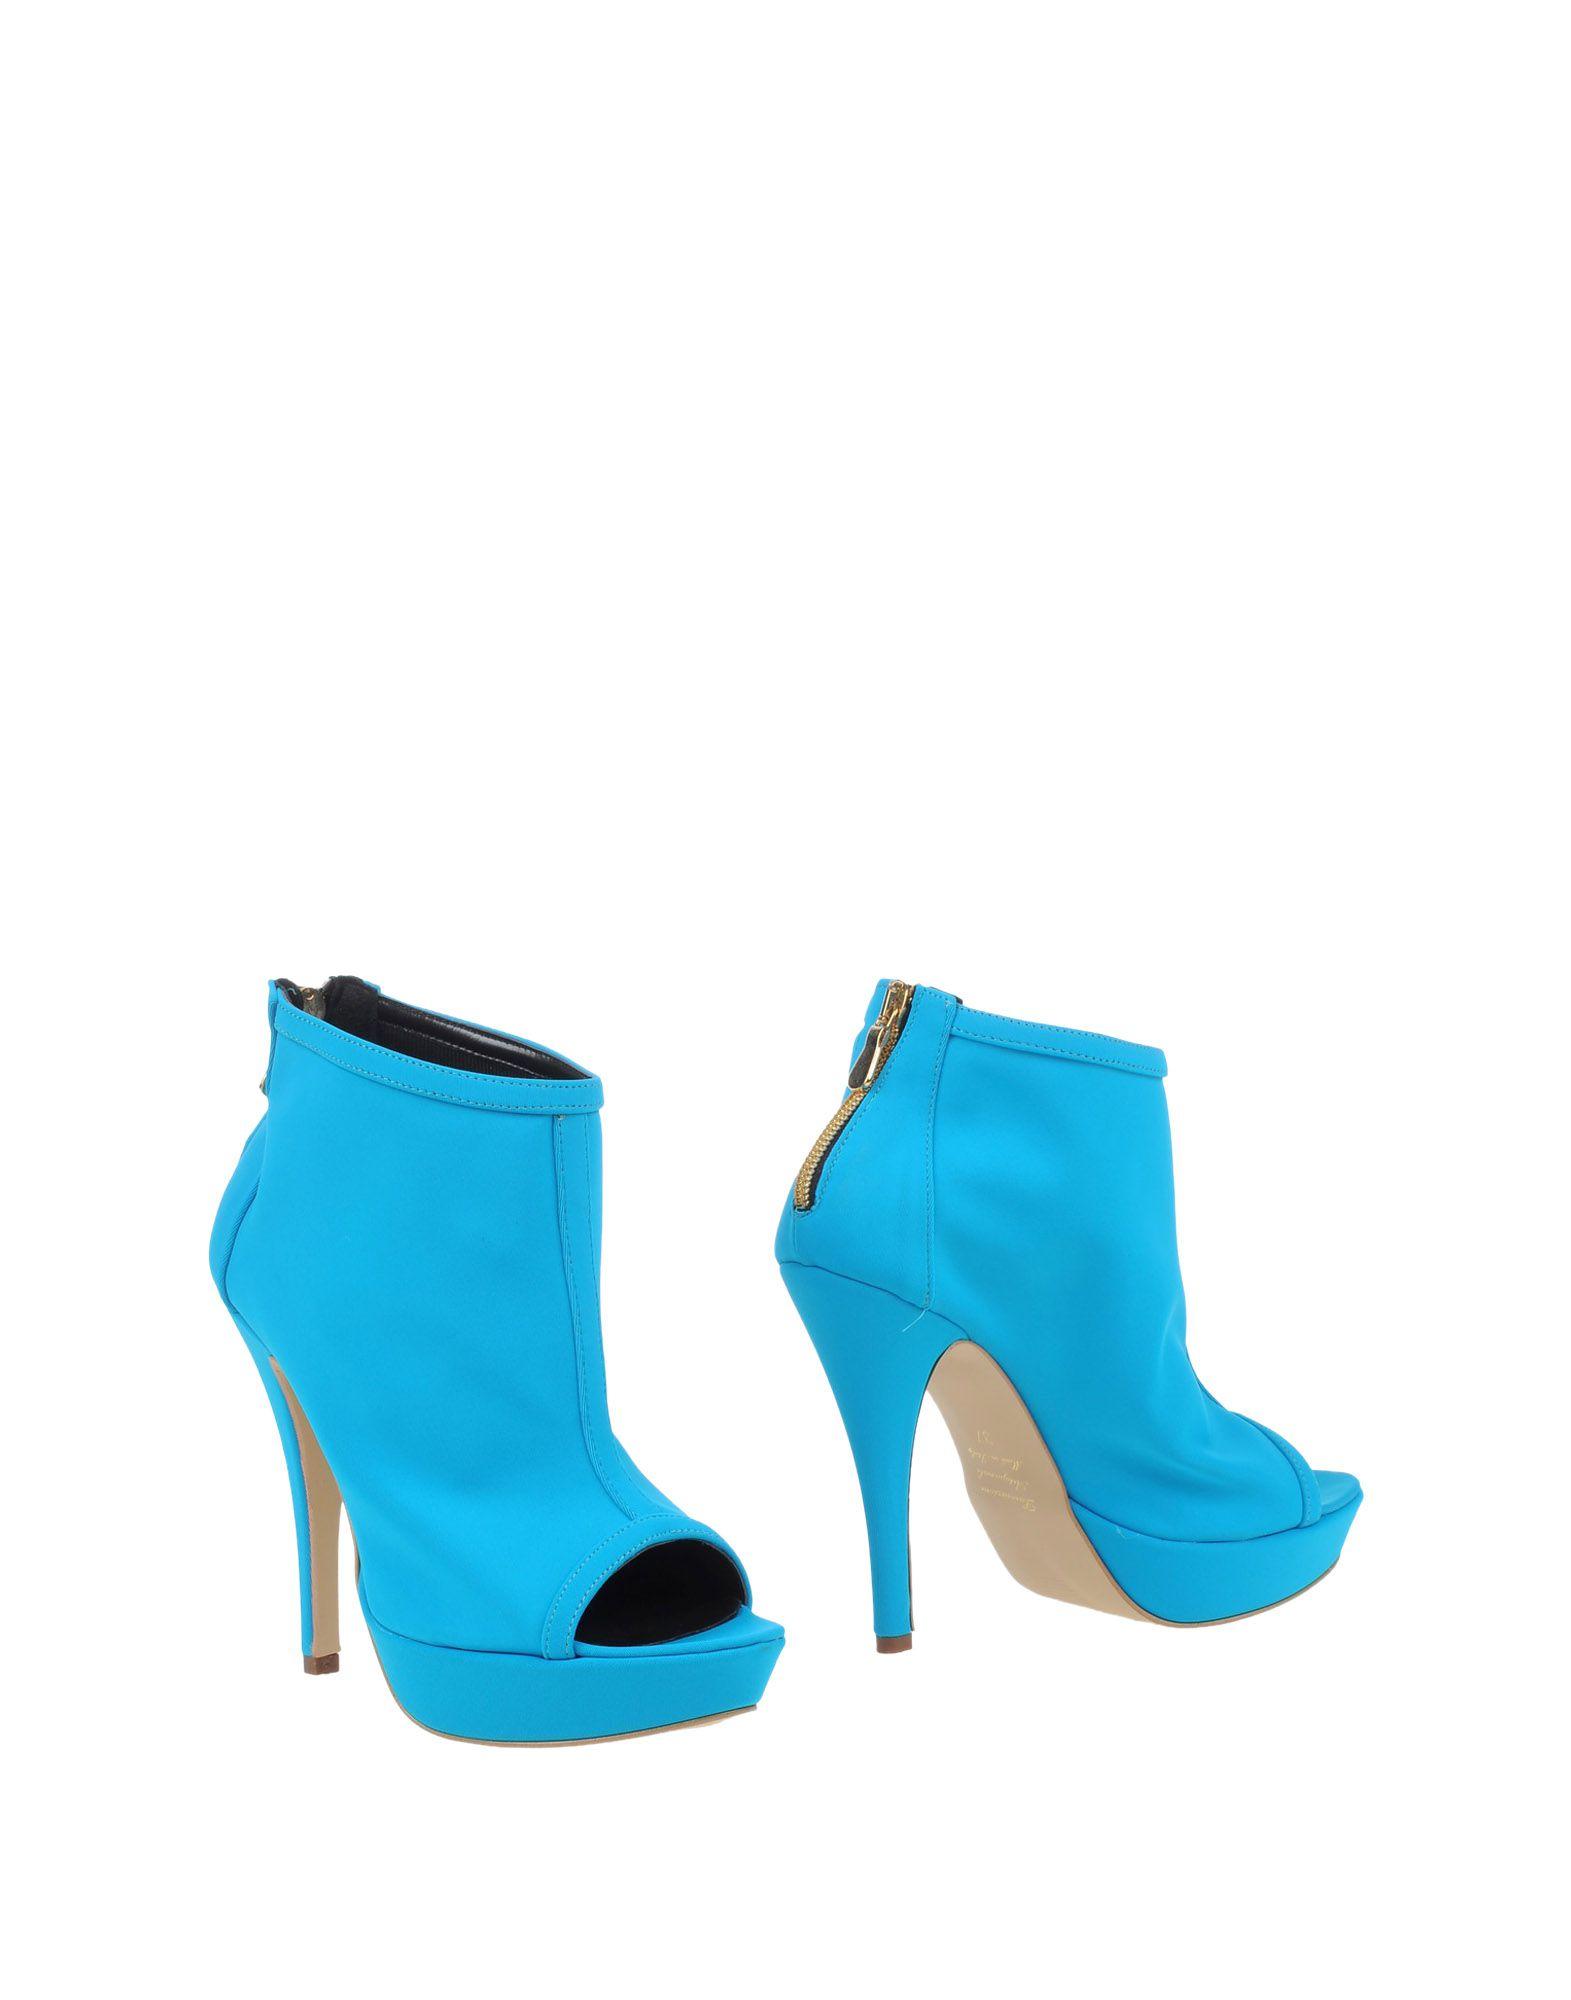 《送料無料》LA FILLE des FLEURS レディース ショートブーツ ターコイズブルー 41 紡績繊維